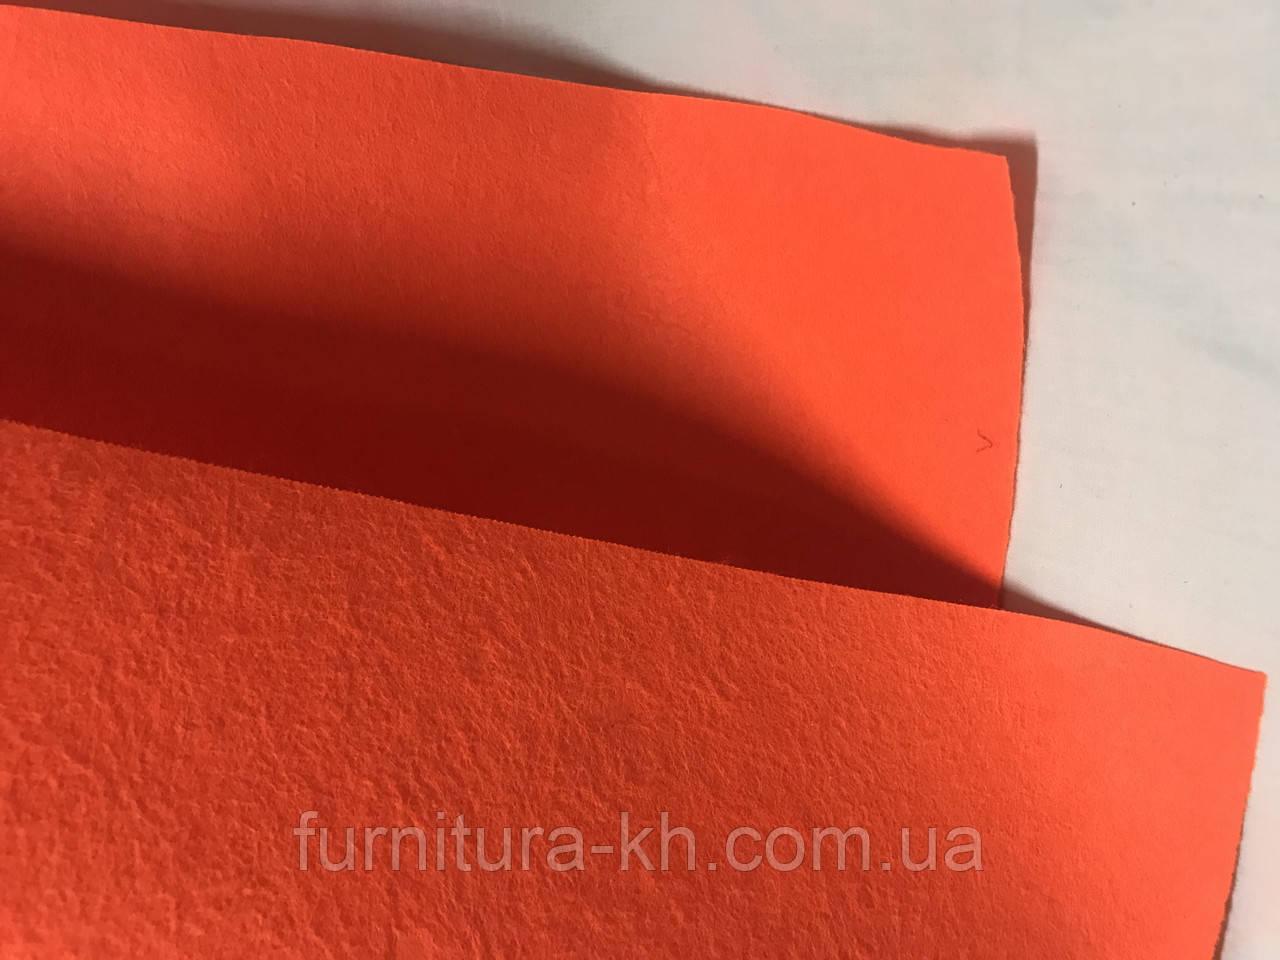 Фетр оранжевый размер 50 Х 40 см, толщина 2 мм